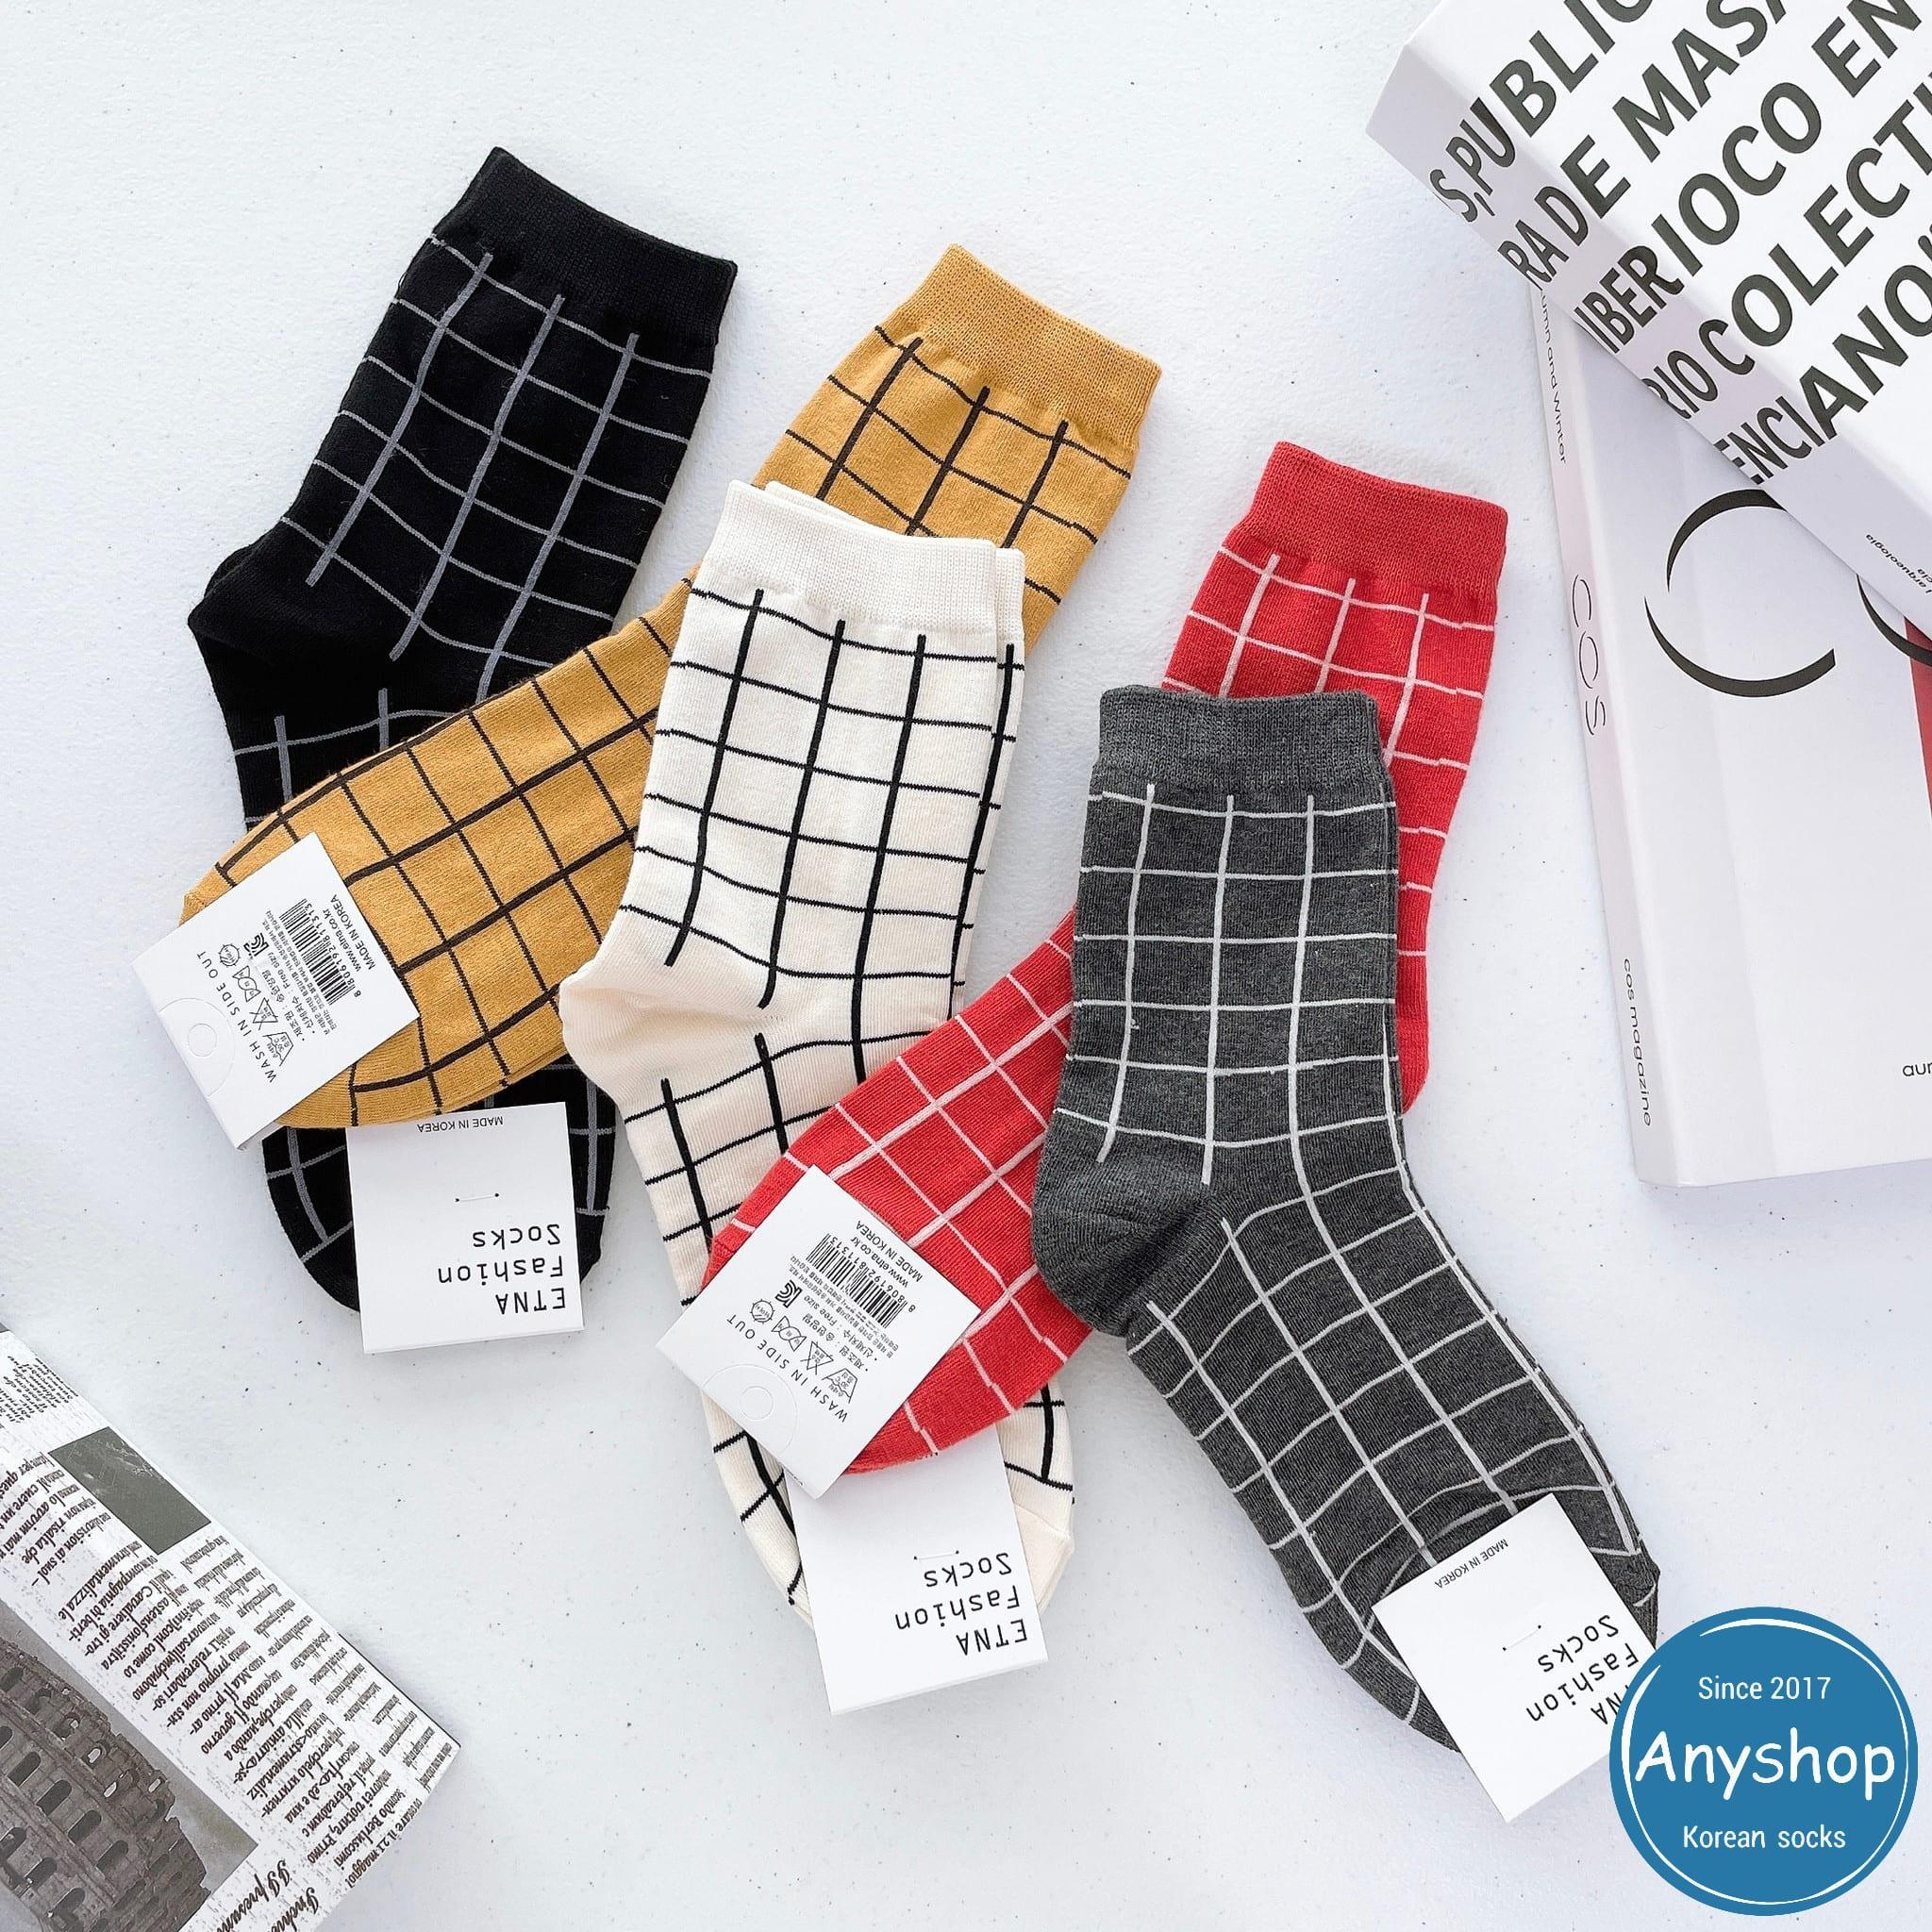 韓國襪-[Anyshop]寬格紋細線長襪